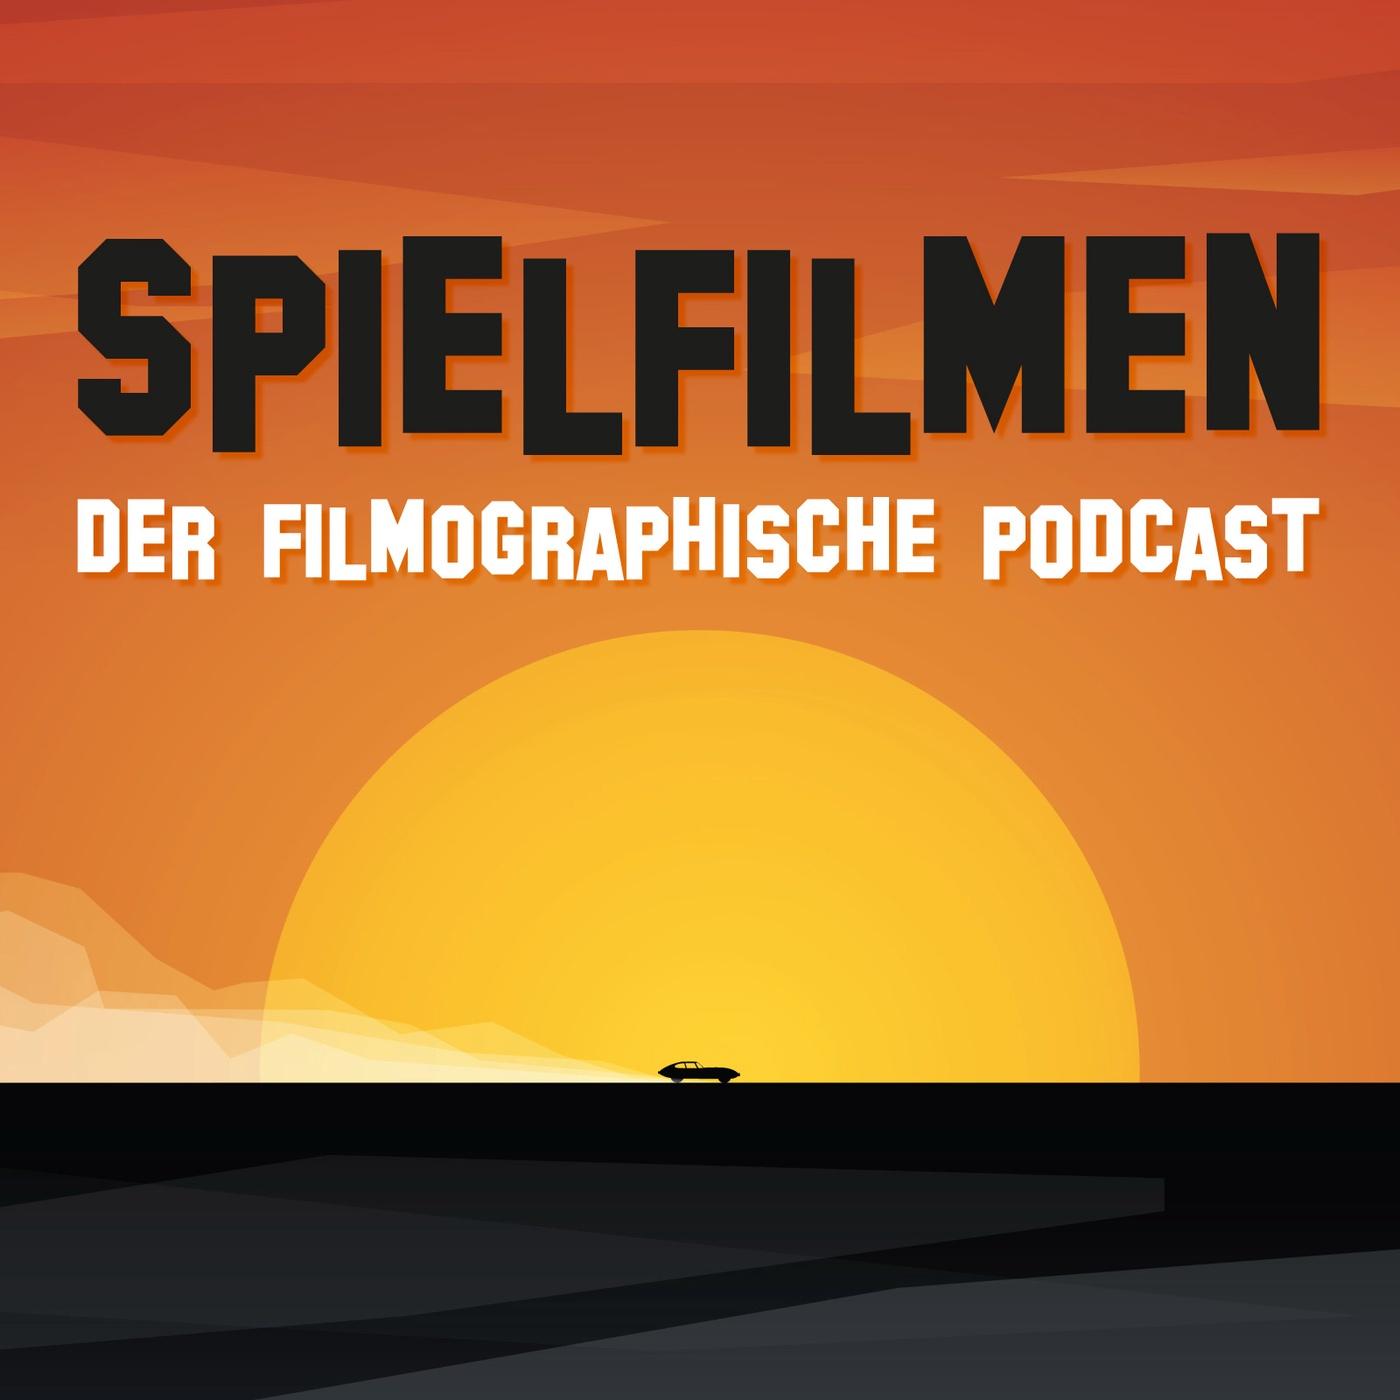 Spielfilmen - Der filmographische Podcast